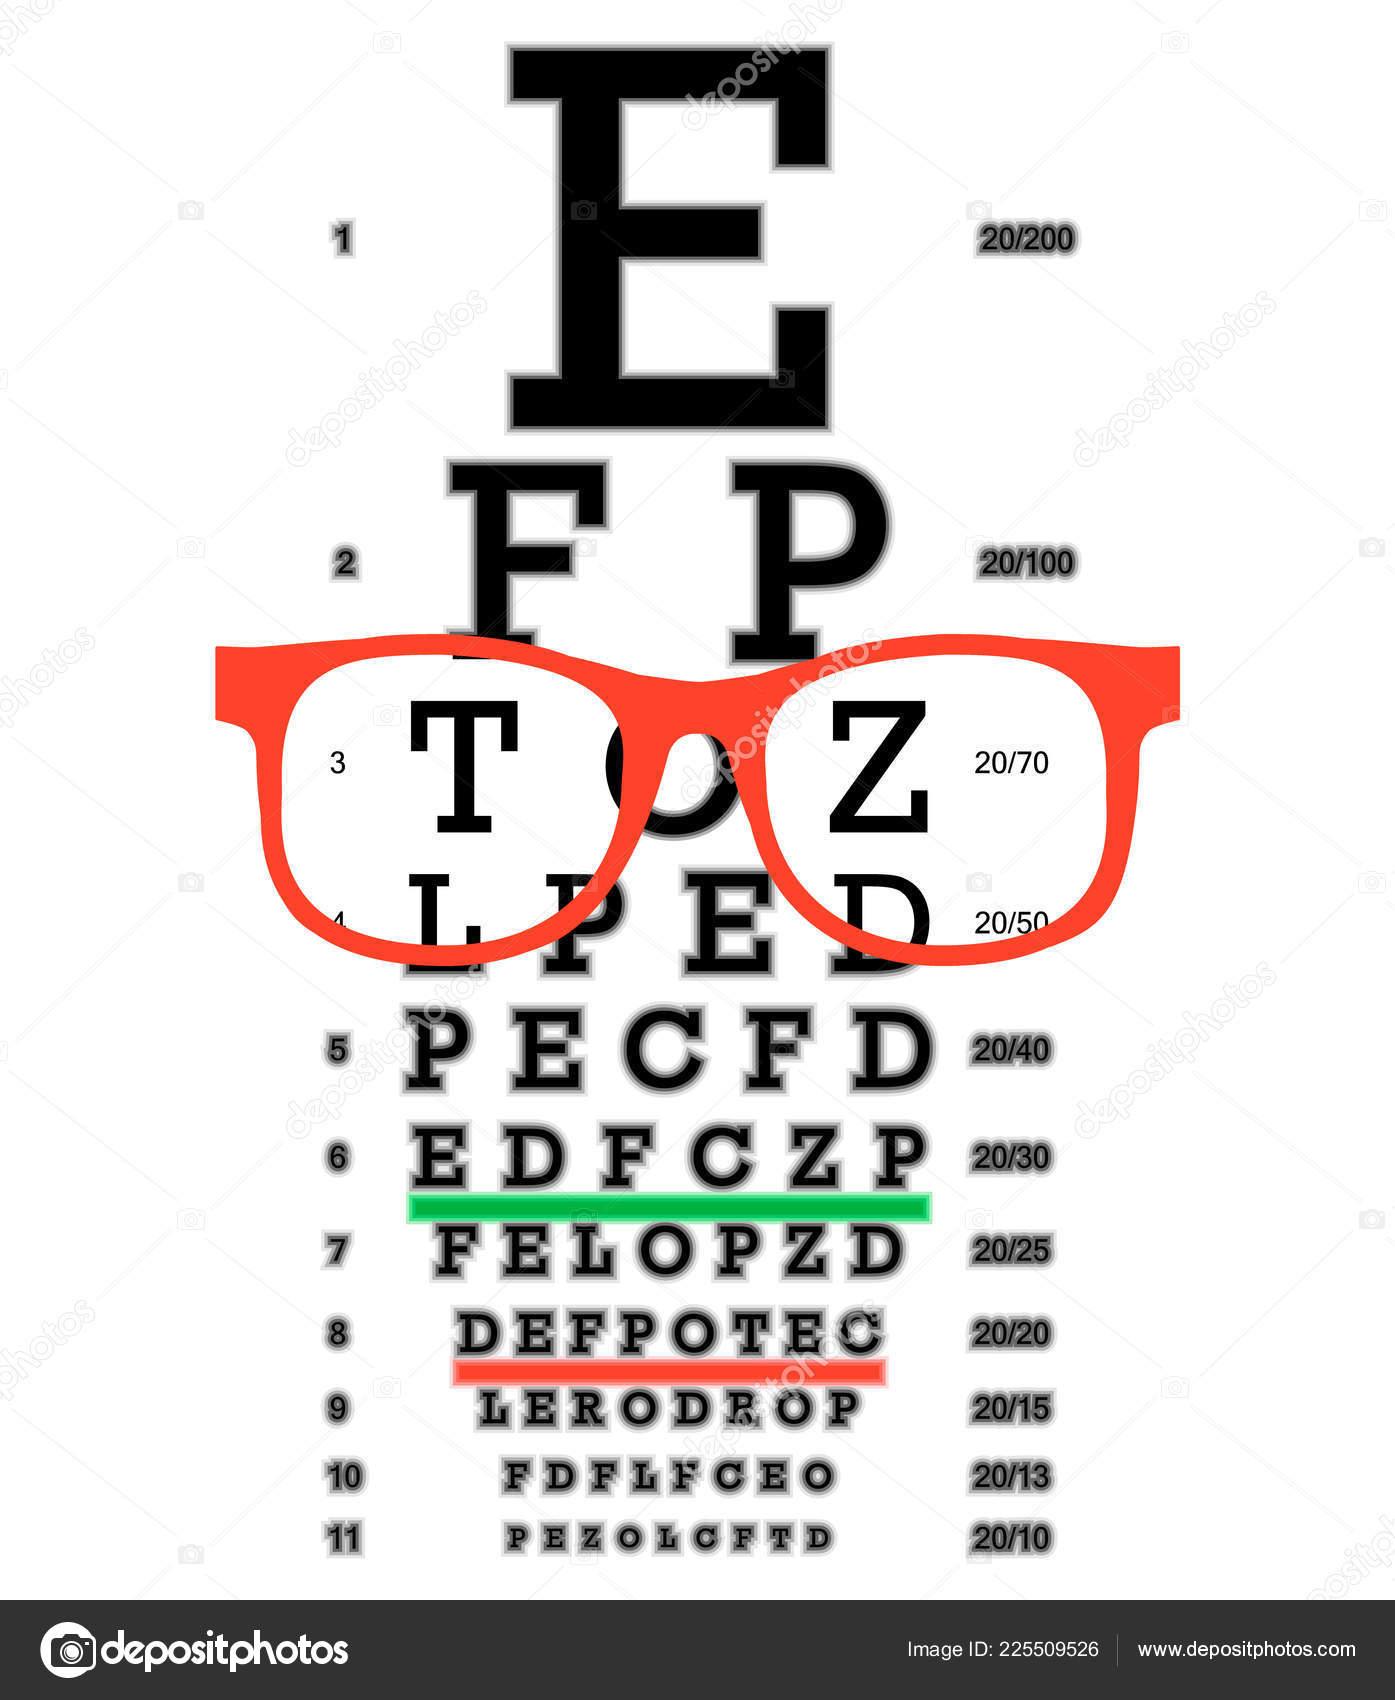 4b92397dcc Prueba de visión del ojo, miopía mala vista diagnóstico en prueba de  Snellen optométrica.